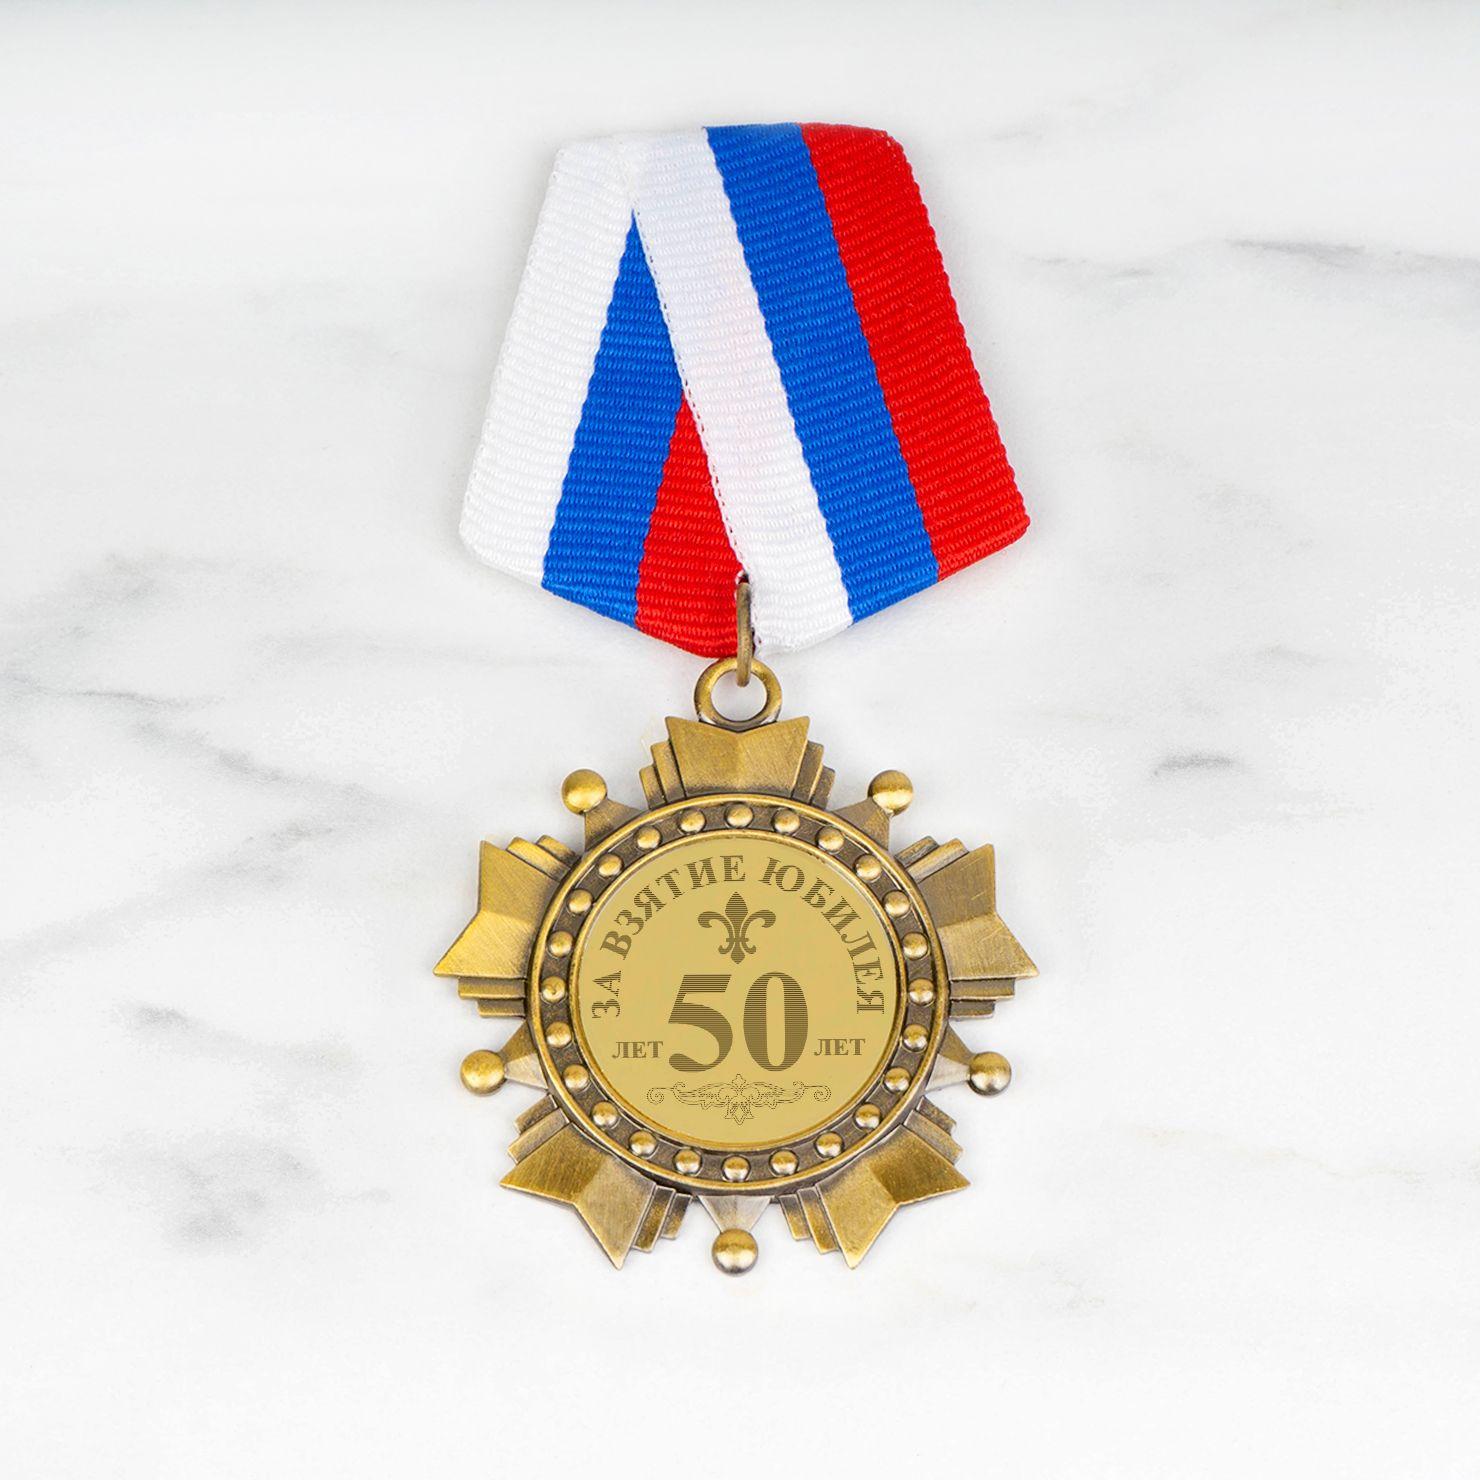 Орден *За взятие юбилея 50 лет*